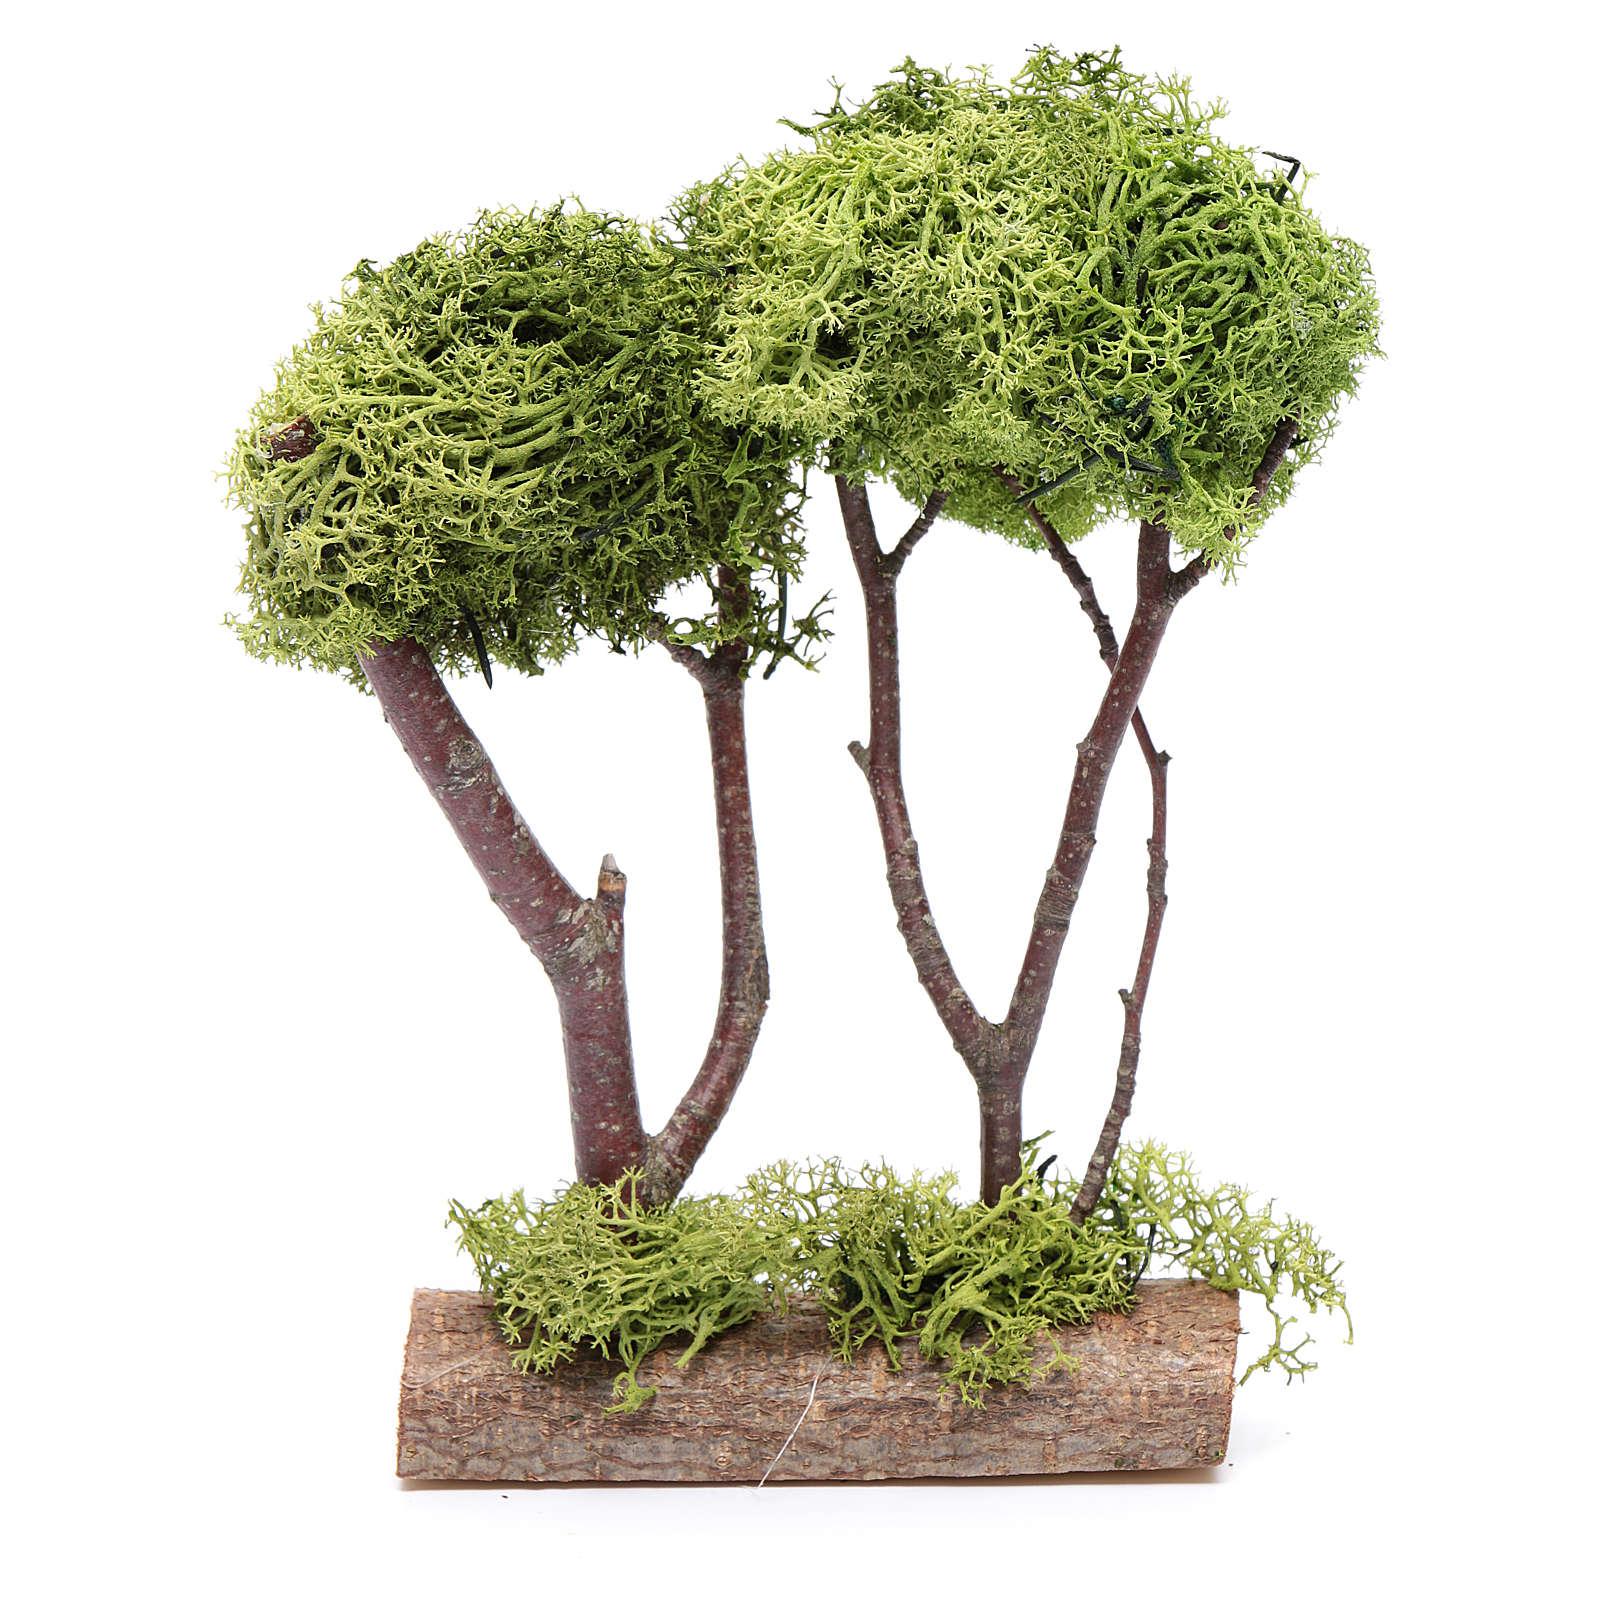 Doppel-Bäume aus Flechten 20x15x5 cm für DIY-Krippe 4